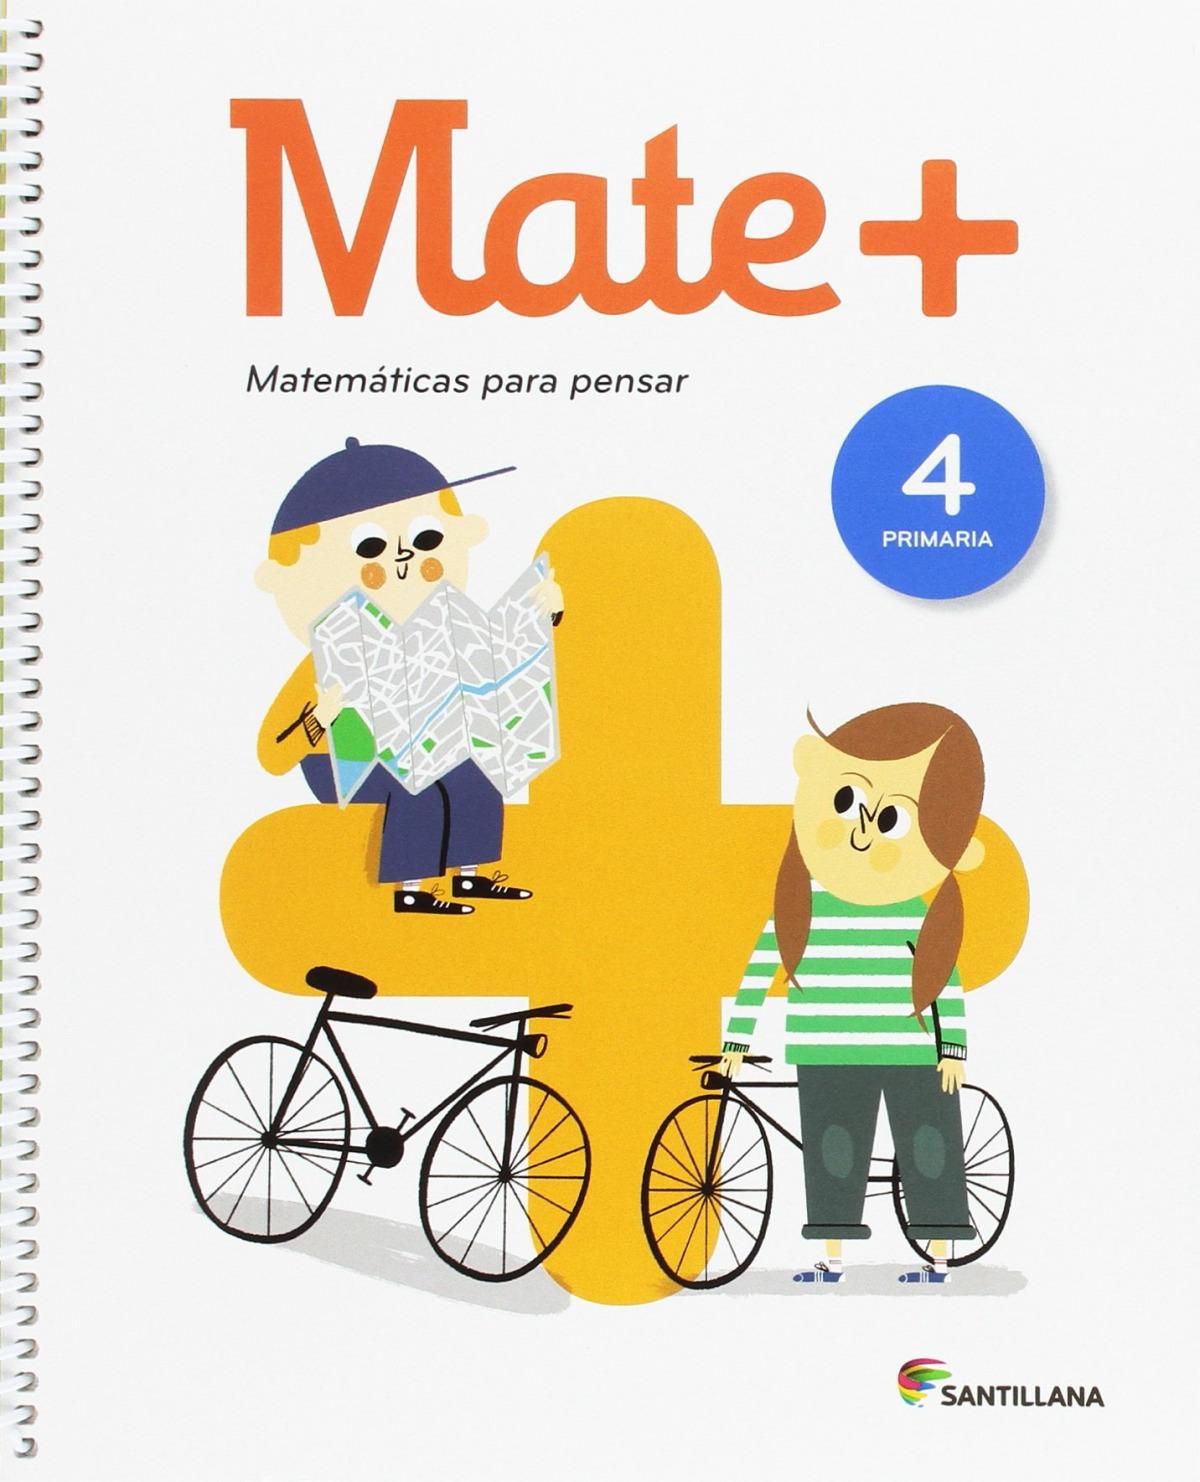 4PRI MATE+ MATEM PARA PENSAR ED17 9788414105306